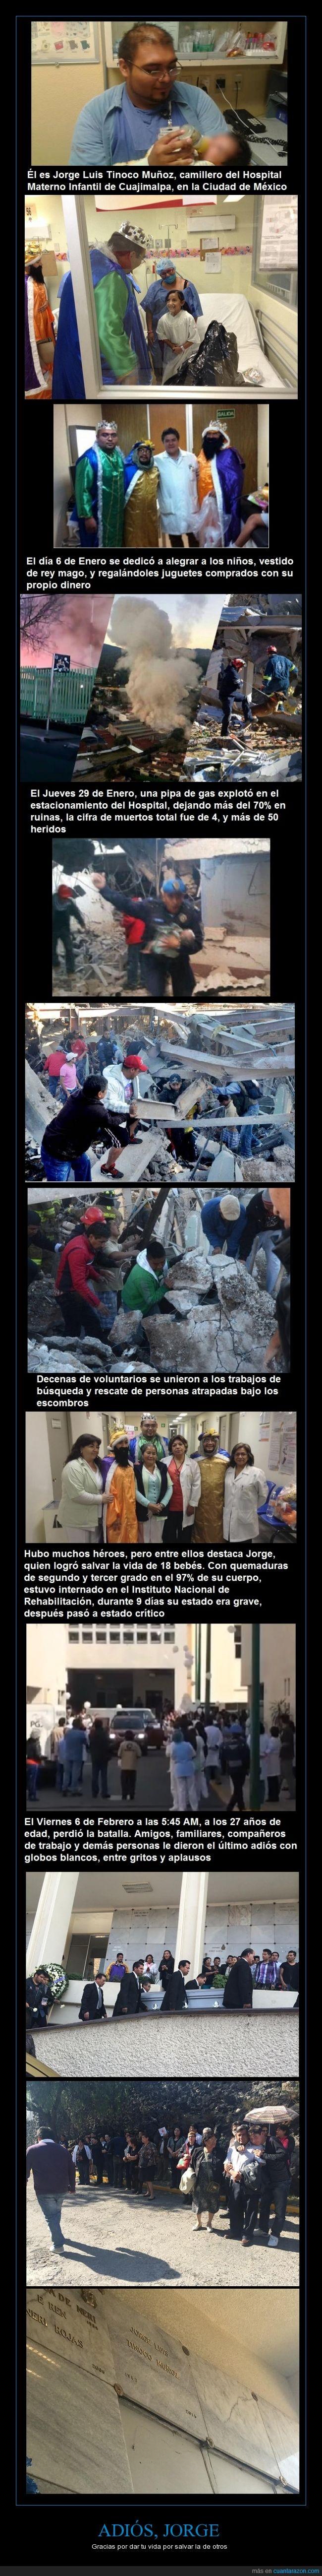 Cuajimalpa,explosión,héroe,hospital,México,quemaduras,rey mago,salvar